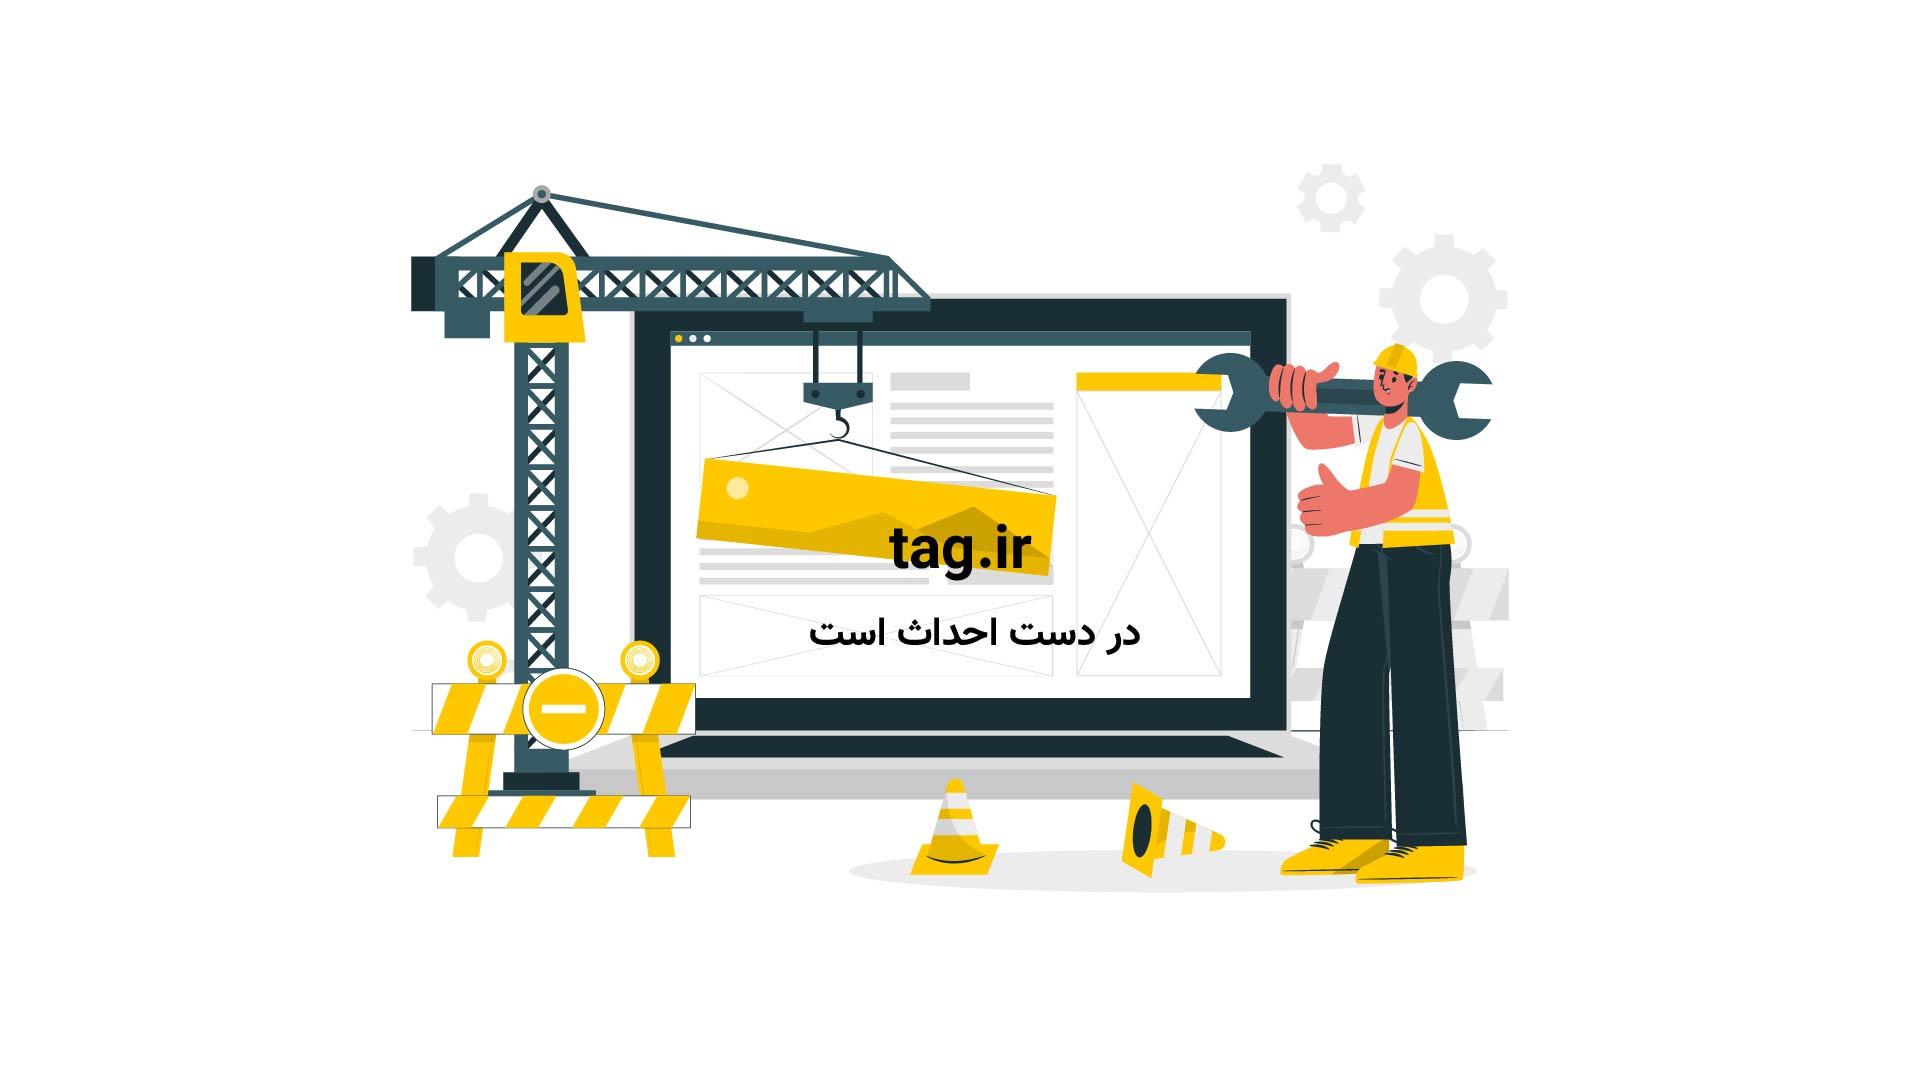 سخنرانیهای تد؛ معاینات تخصصی چشم با استفاده از گوشی همراه | فیلم